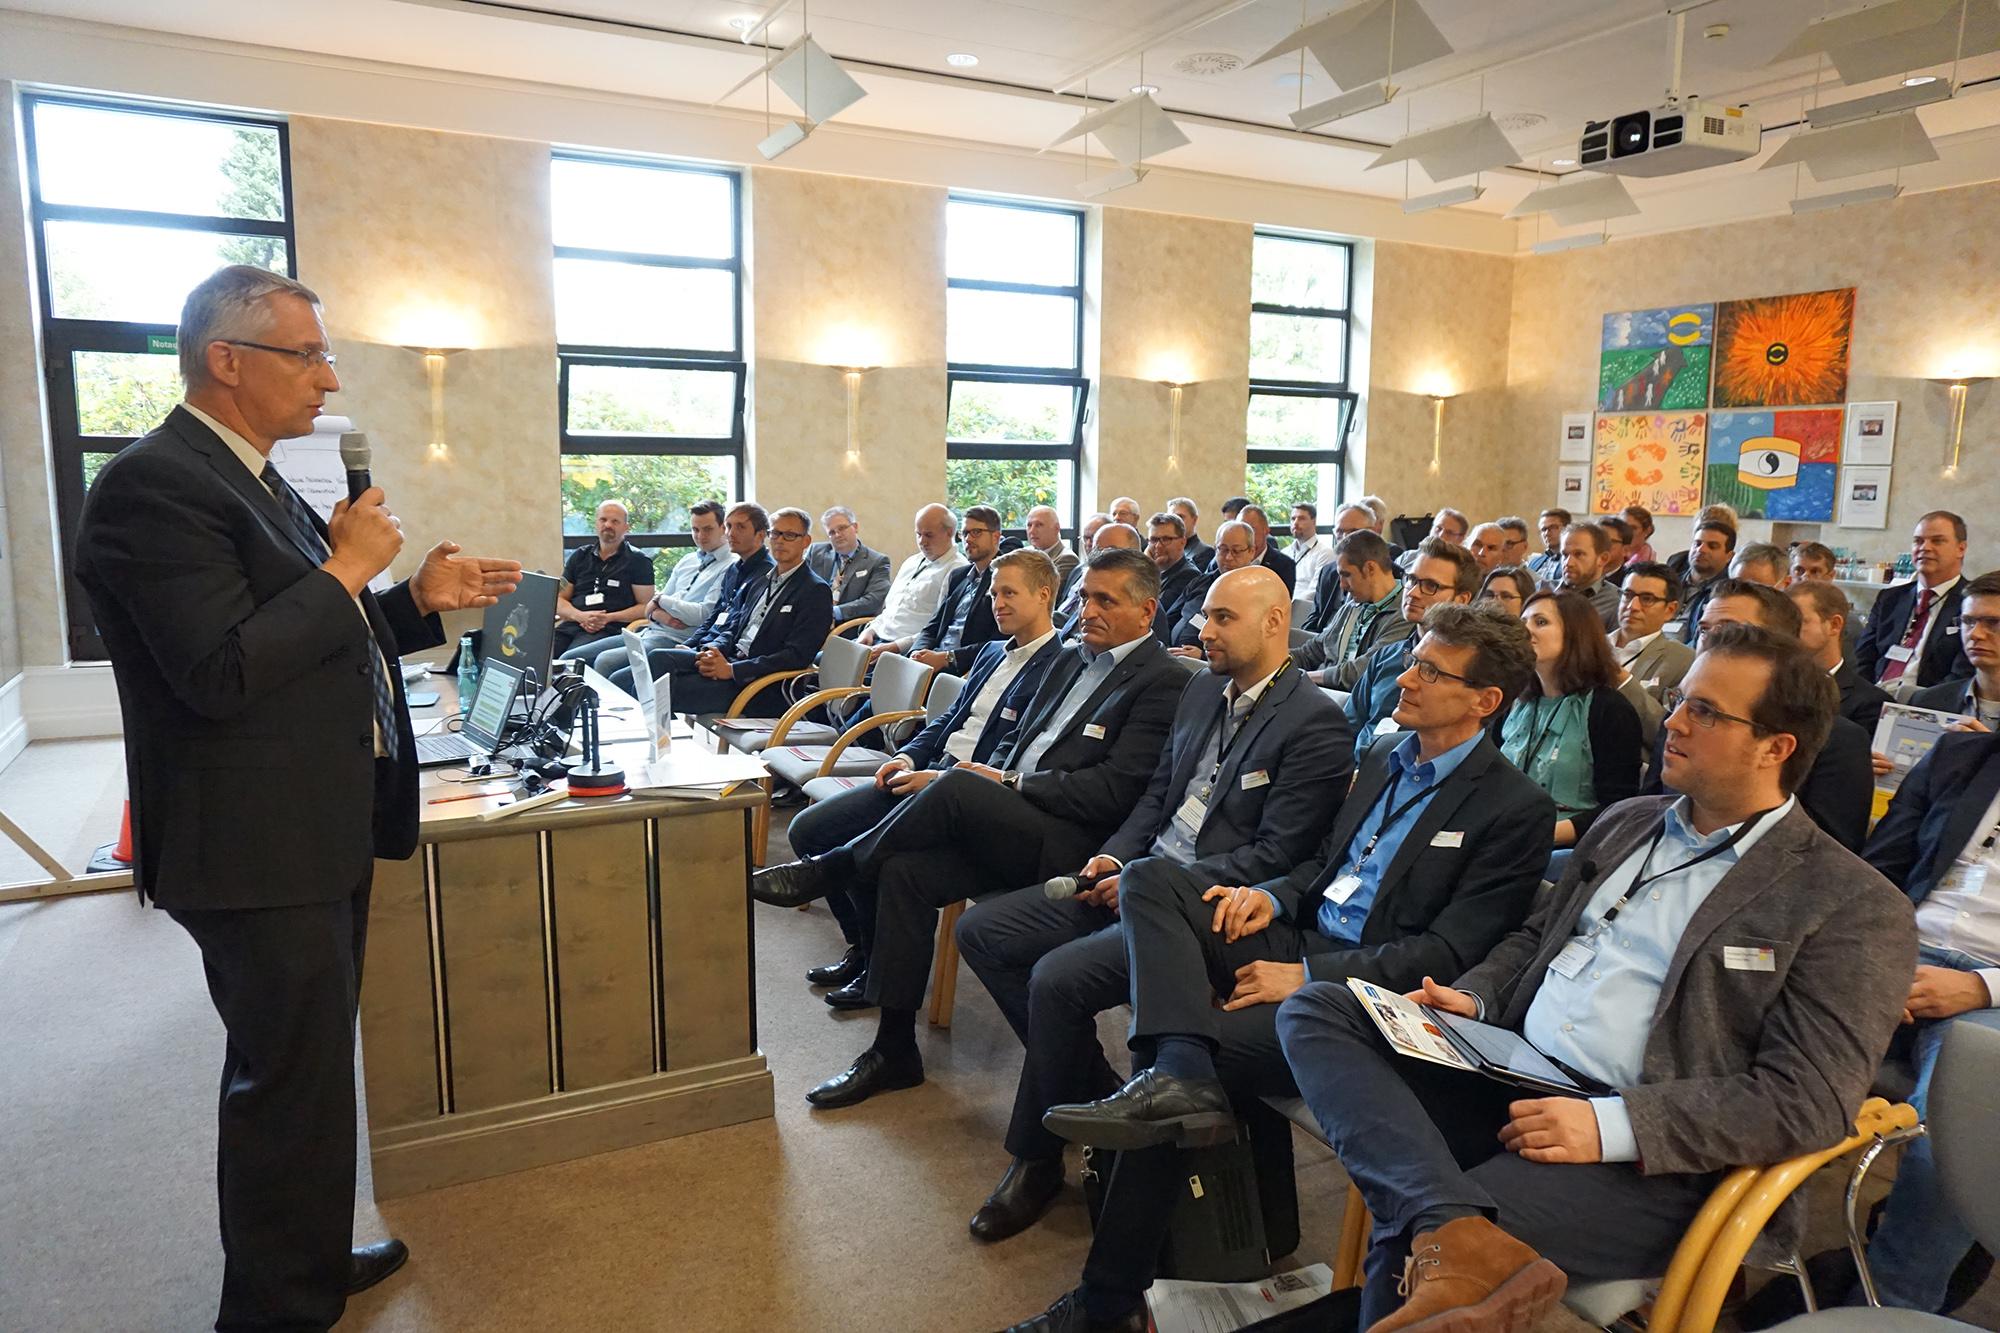 Agile Fertigung war eines der Haupttehmen des Workshops in Espelkamp (Foto: HARTING)